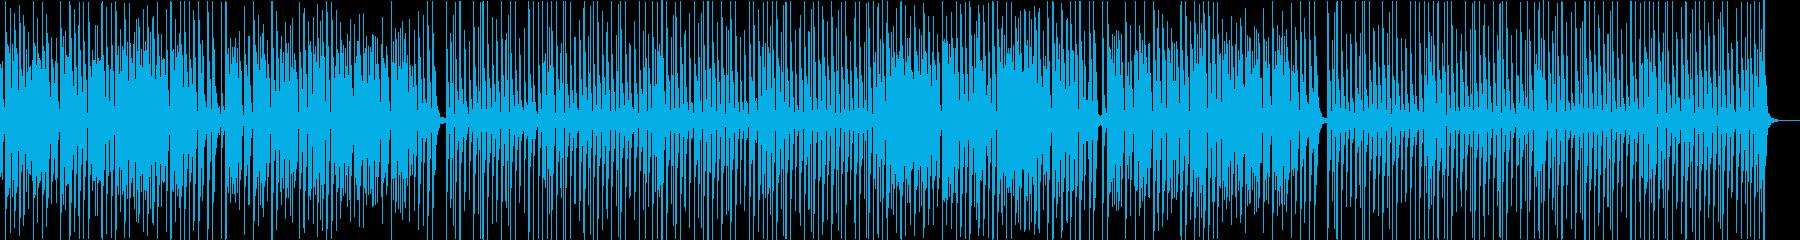 ギャグ・おとぼけ・コミカルなポップの再生済みの波形